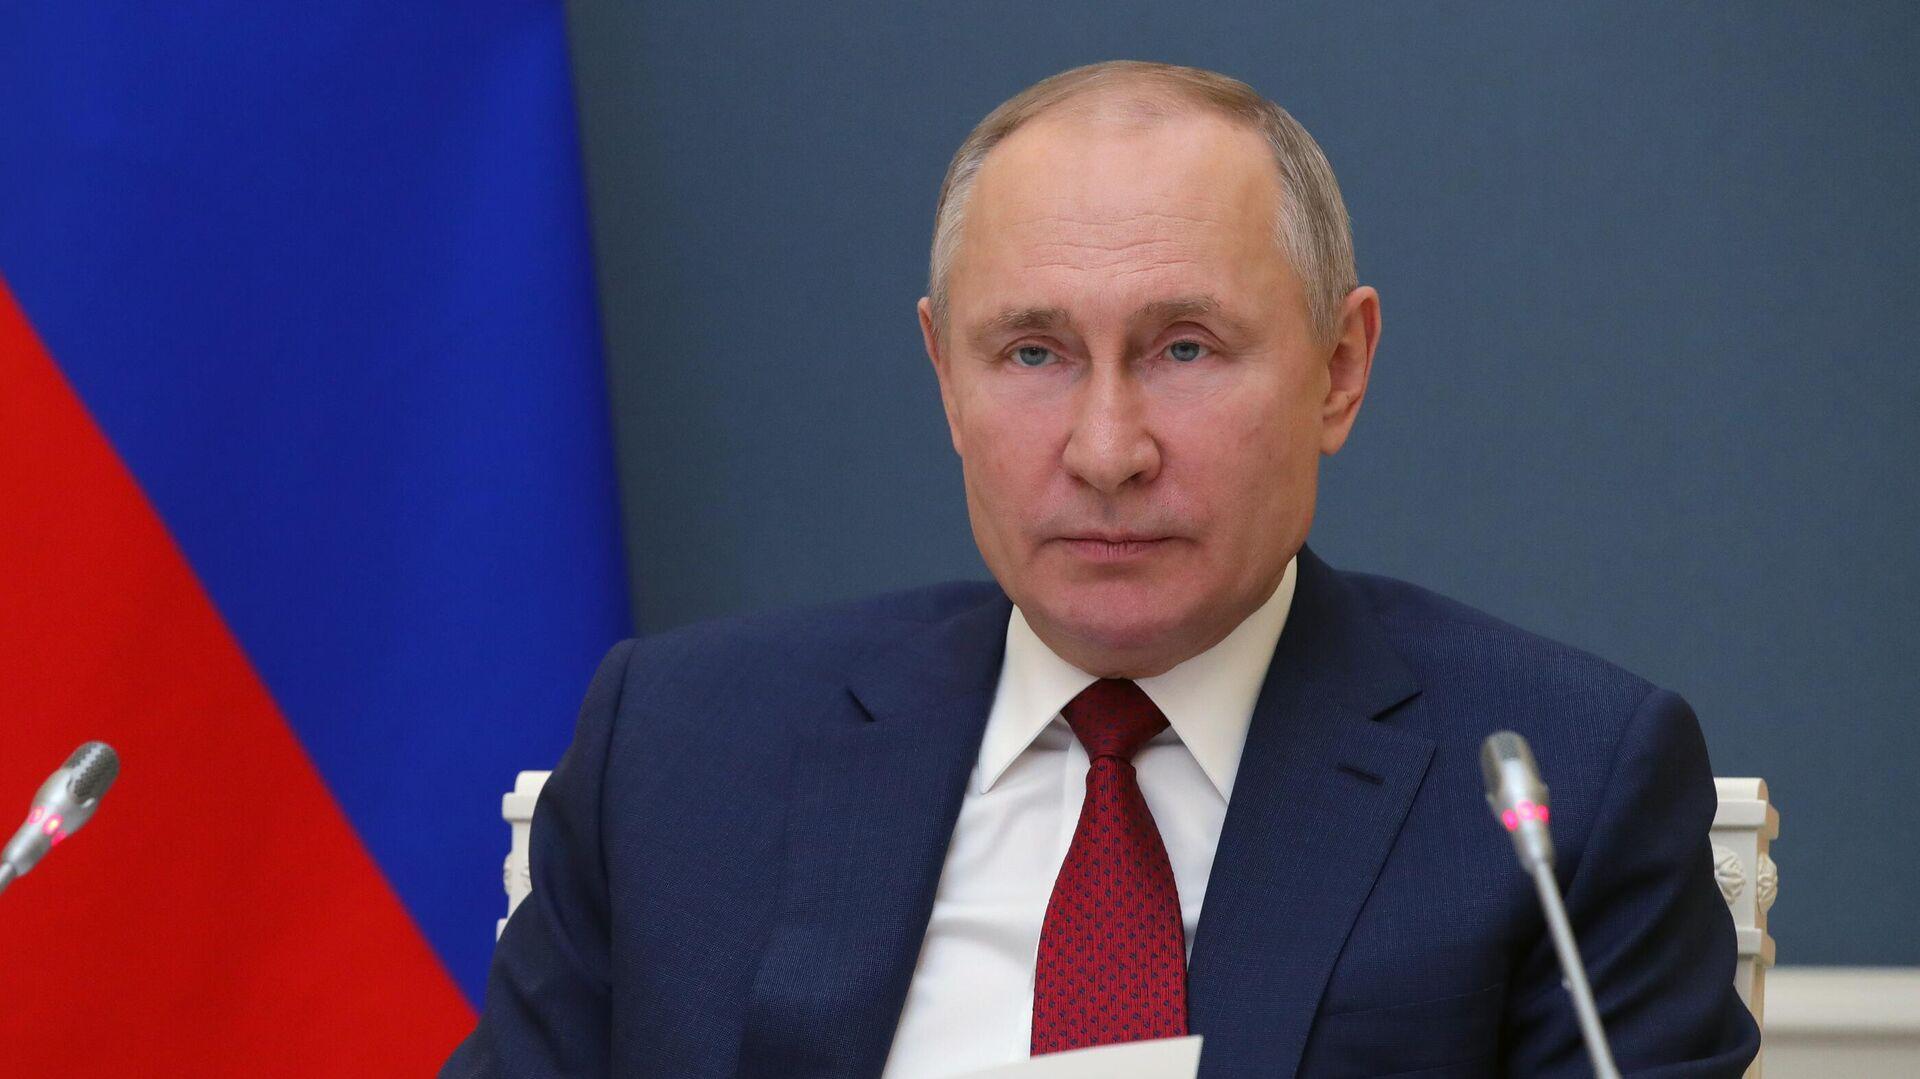 Президент РФ Владимир Путин выступает по видеосвязи на сессии Давосская повестка дня 2021 Всемирного экономического форума - РИА Новости, 1920, 27.01.2021